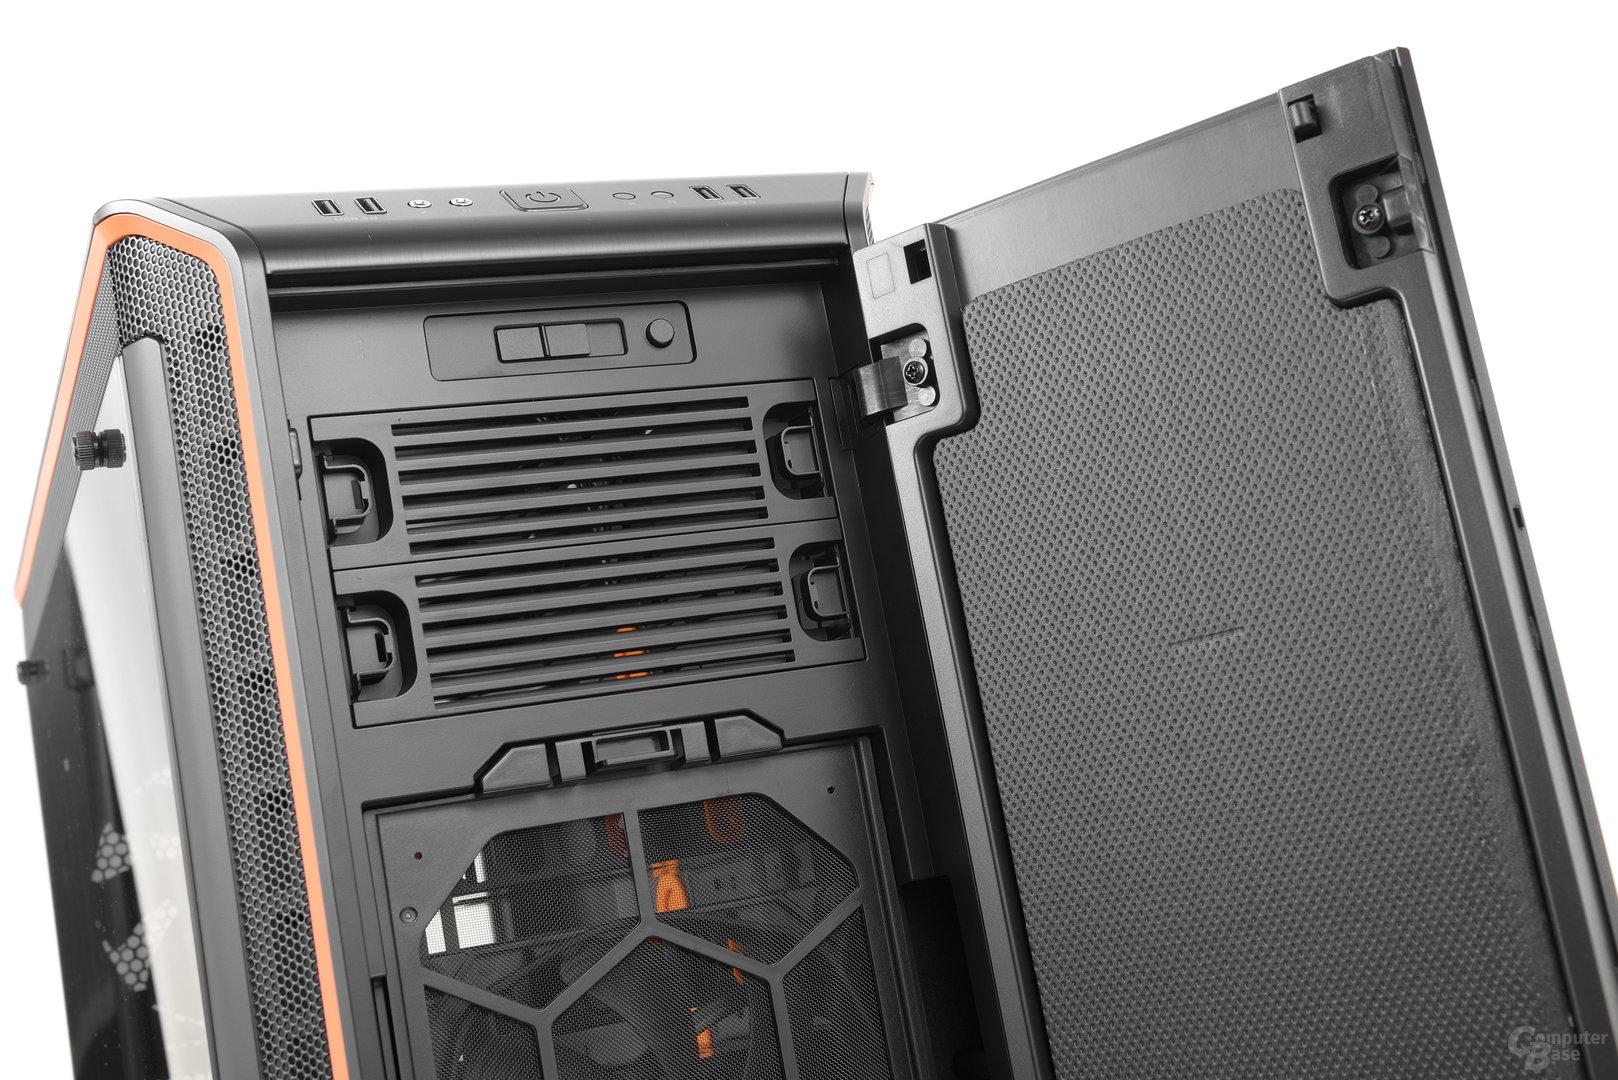 be quiet! Dark Base Pro 900 – Blick hinter die Tür